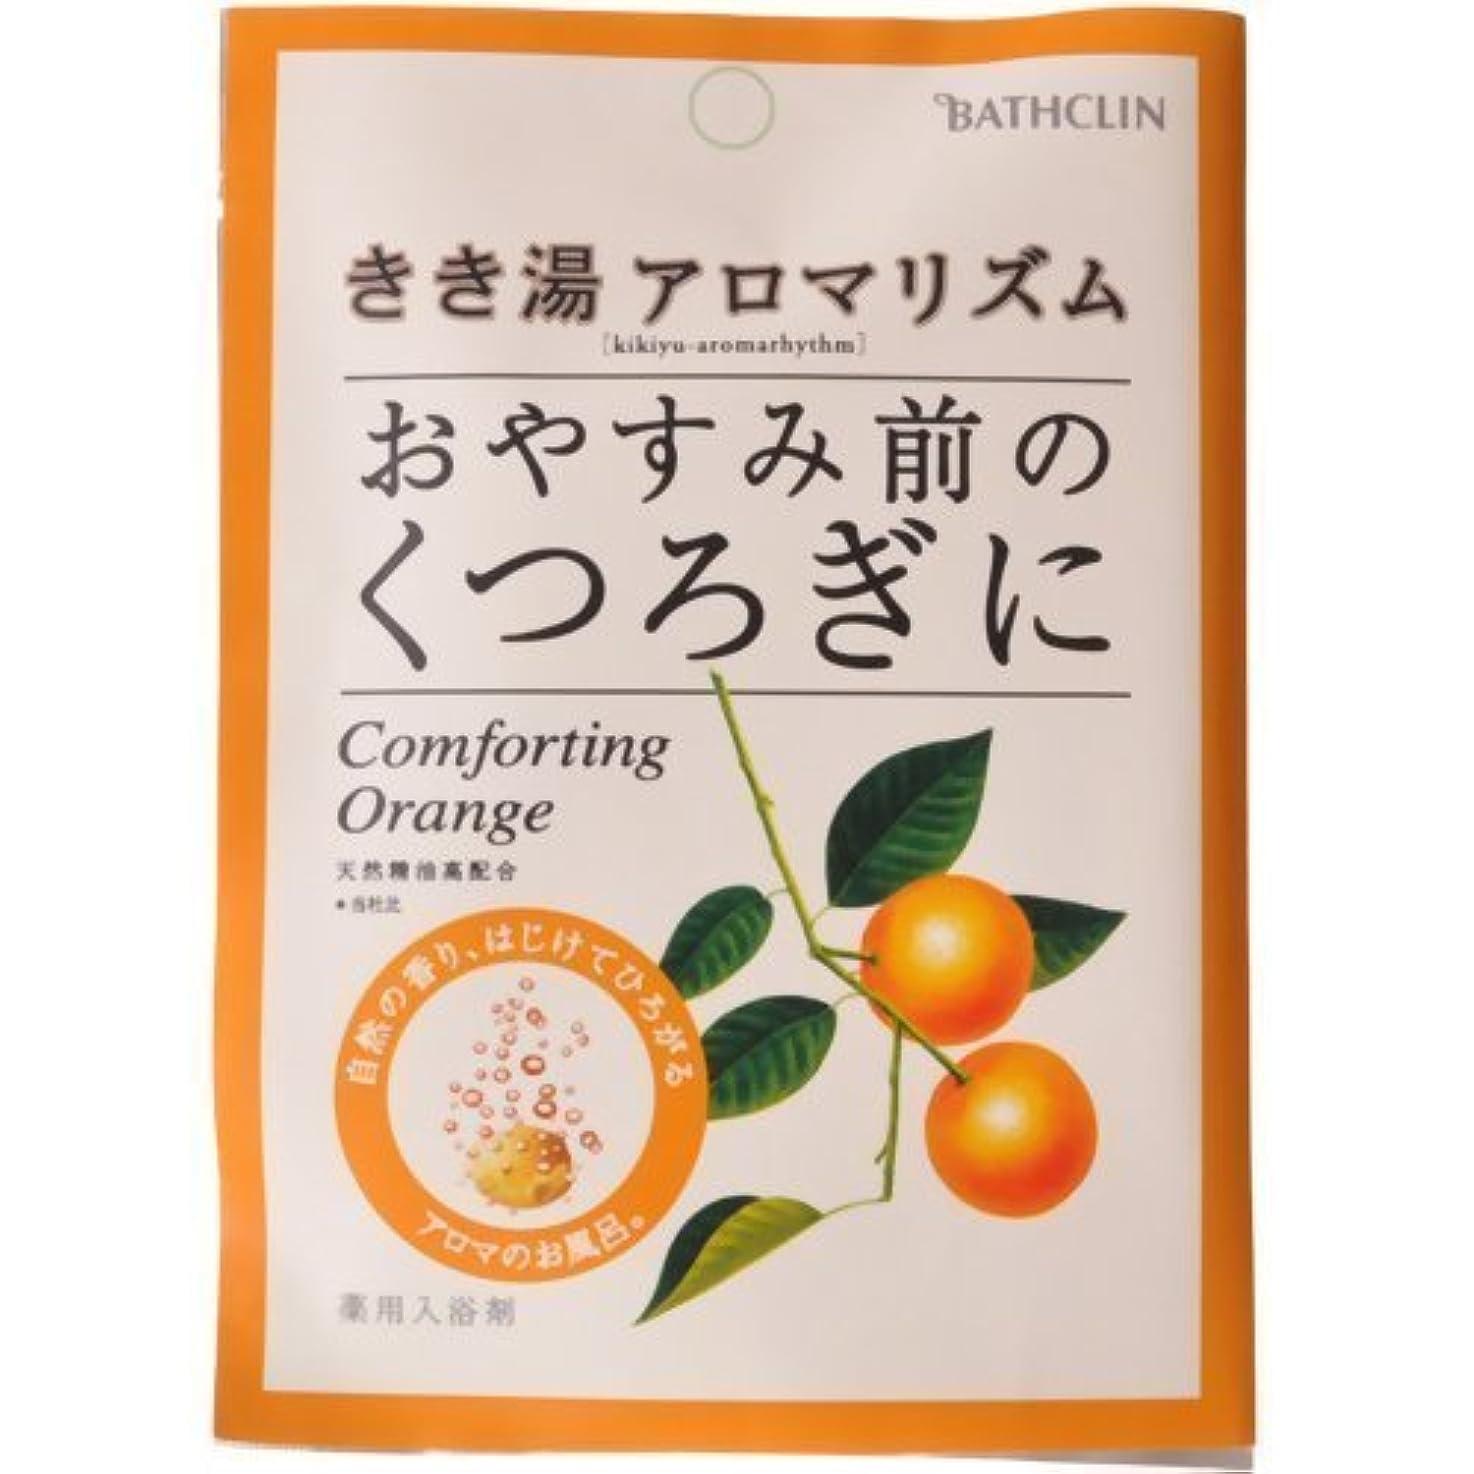 免疫暗記する八百屋きき湯 アロマリズム コンフォーティングの香り 30g